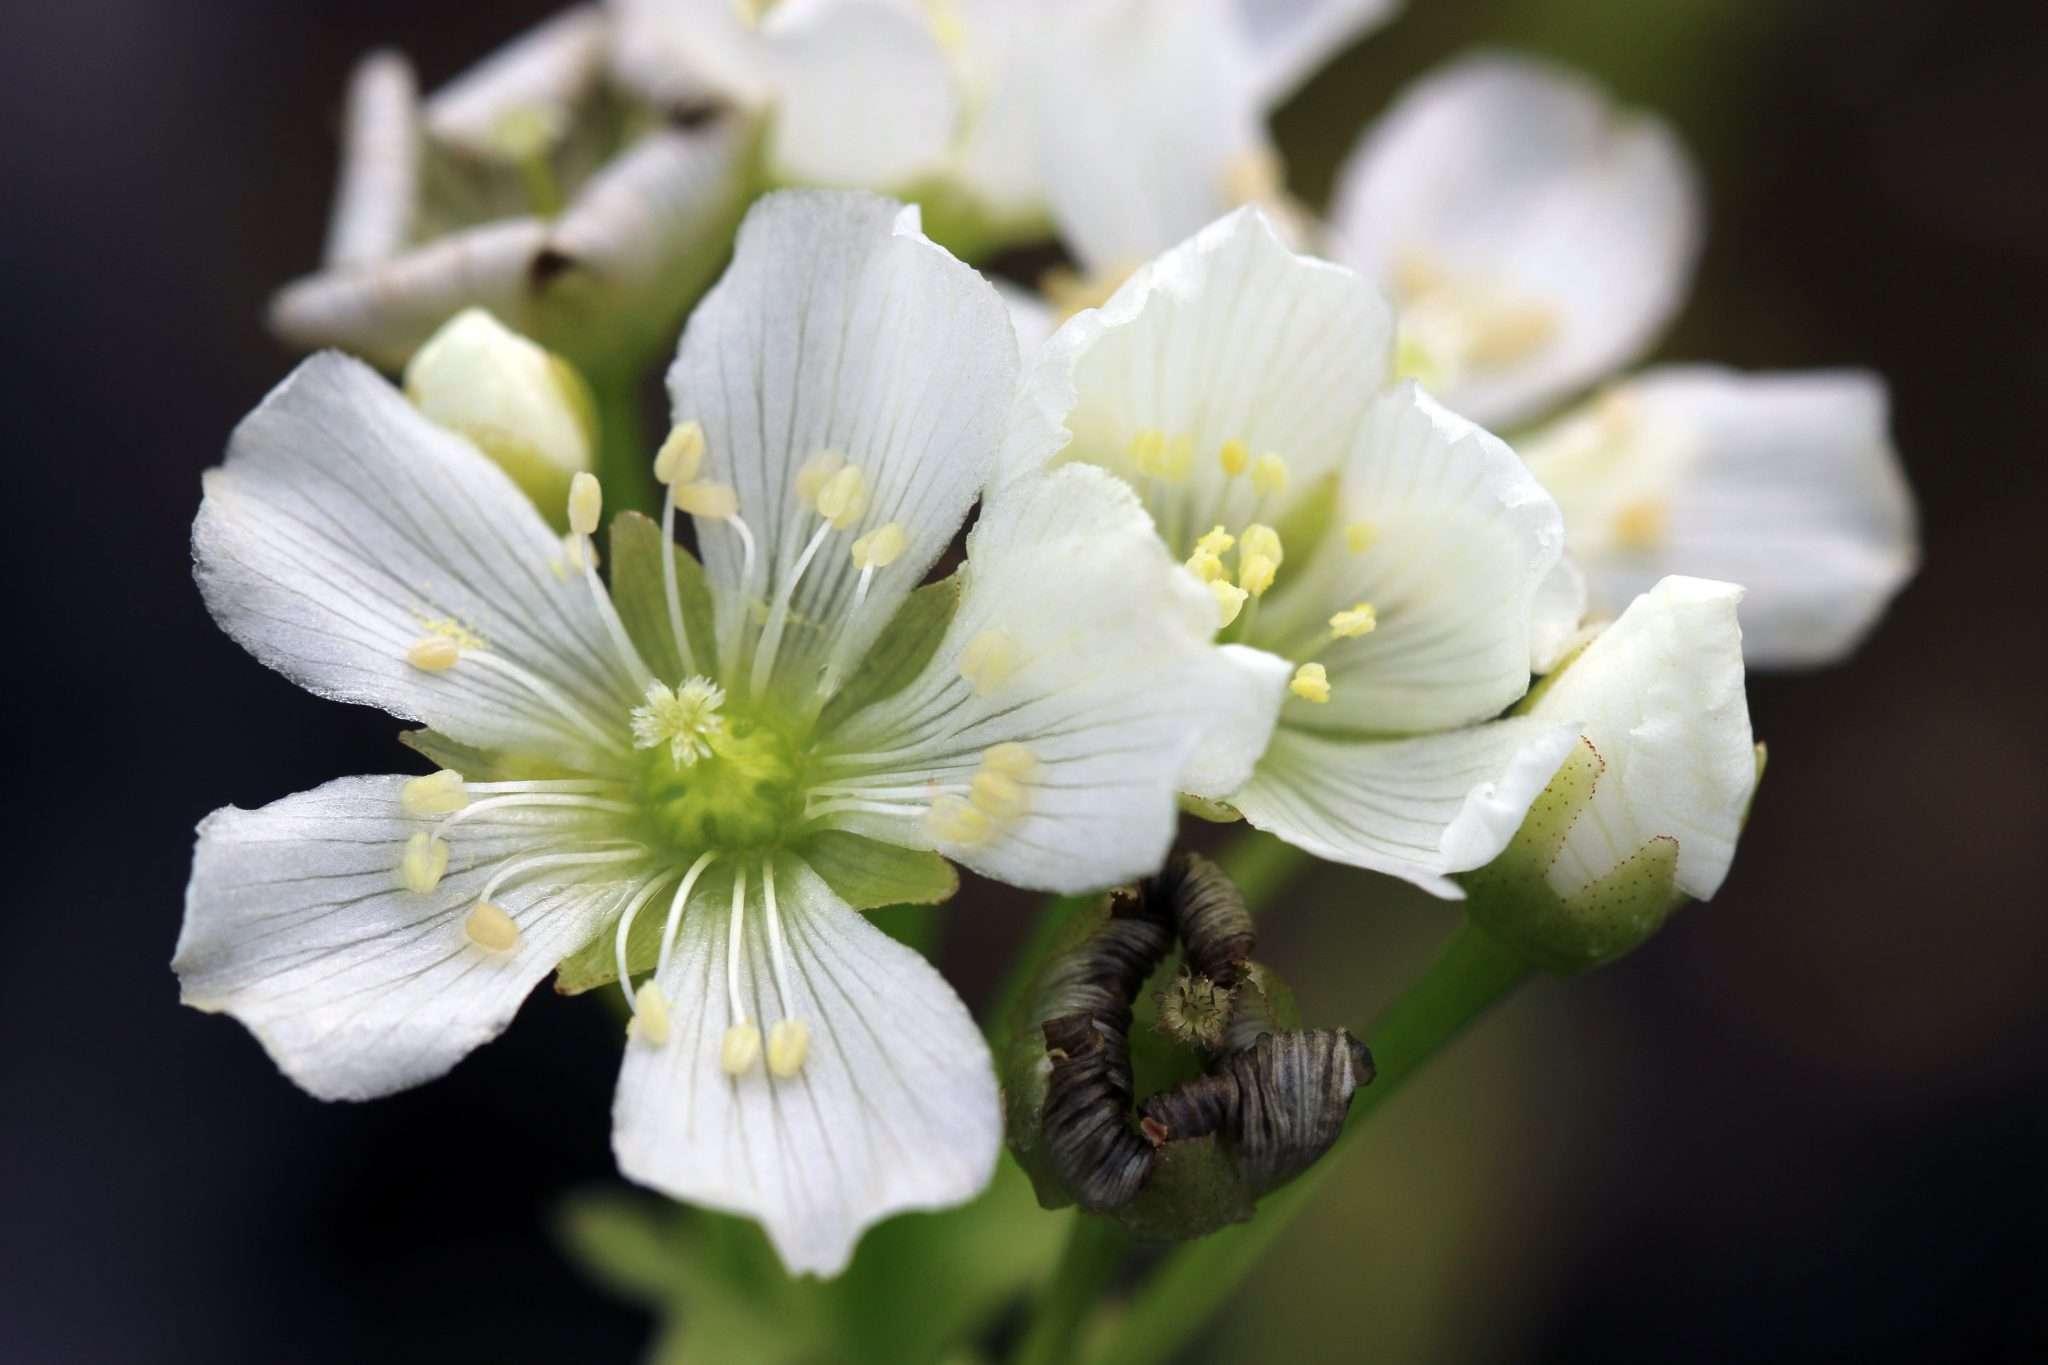 King Henry flower